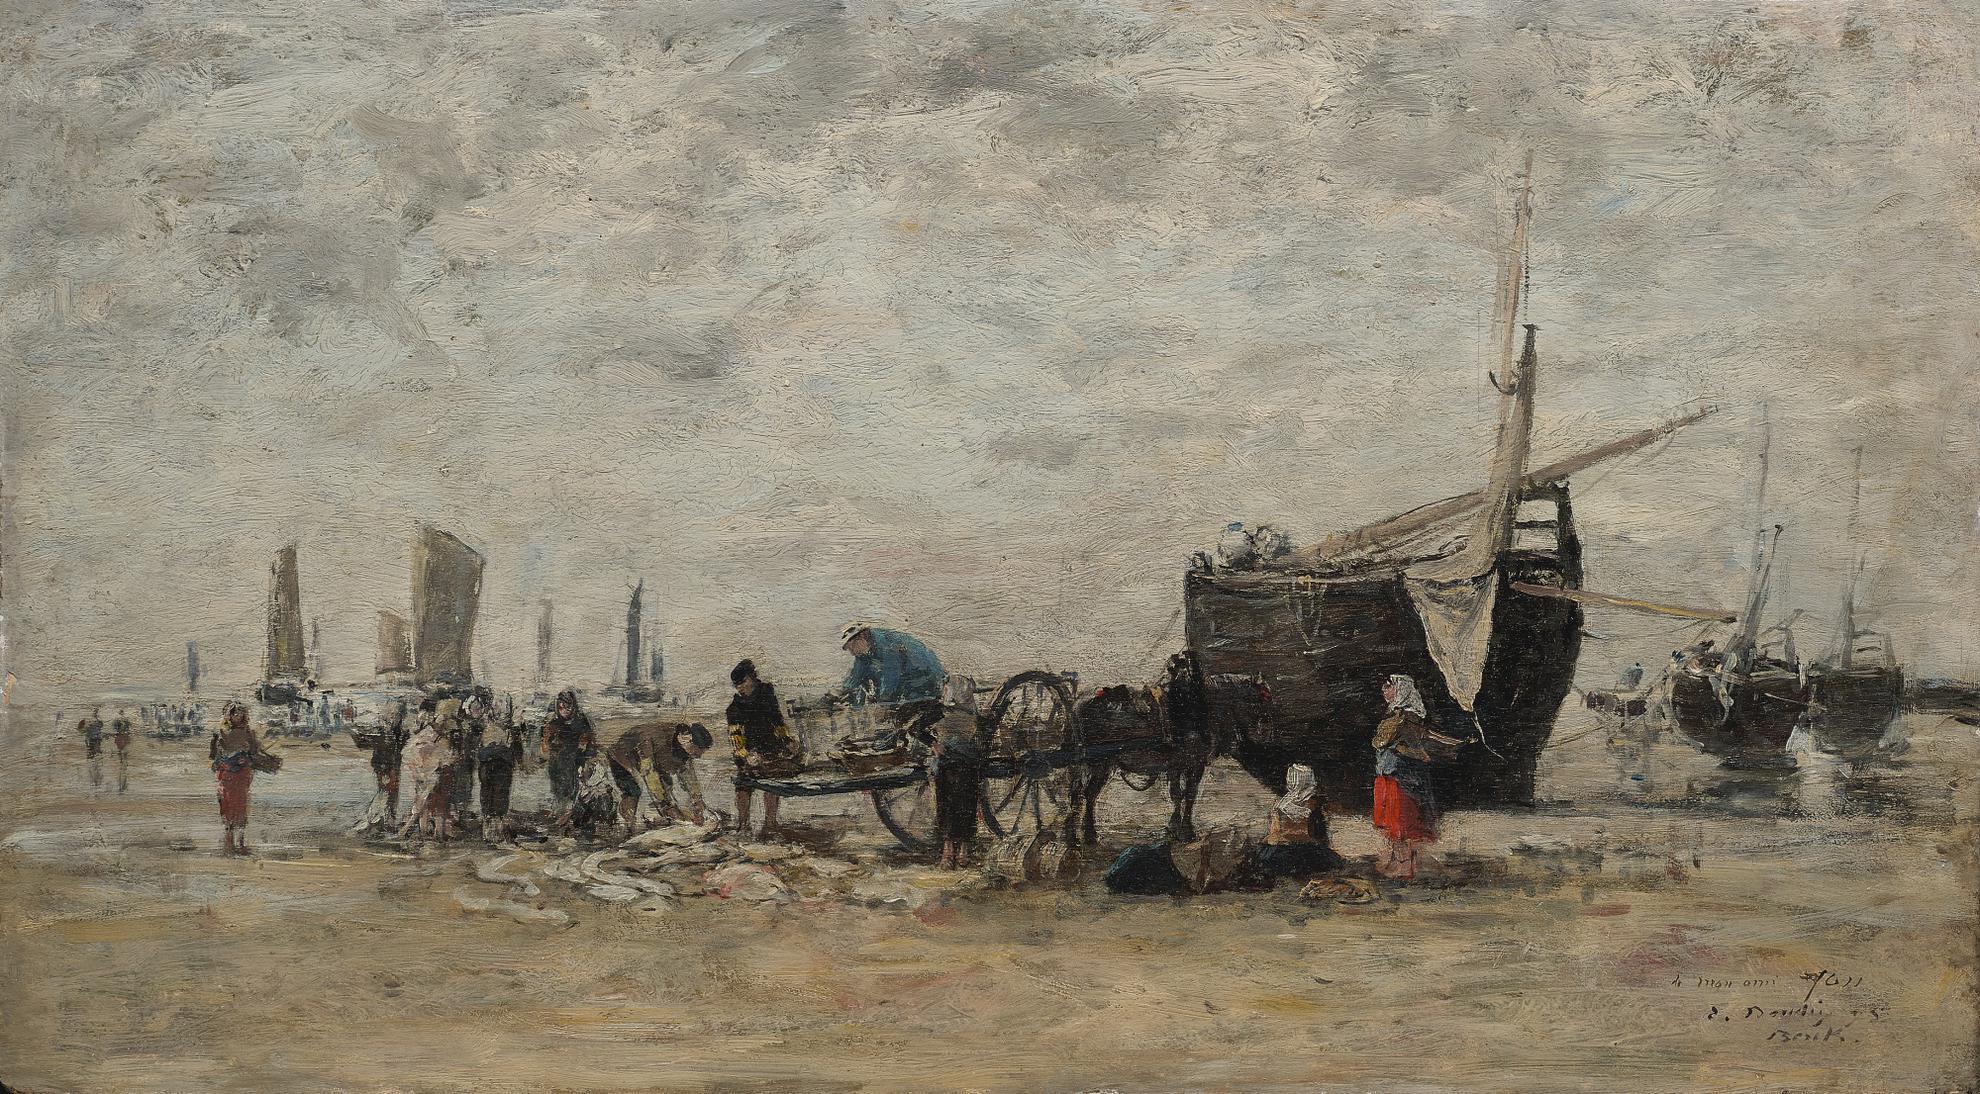 Eugene Louis Boudin-Berck, Le Marche Aux Poissons Sur La Plage-1875